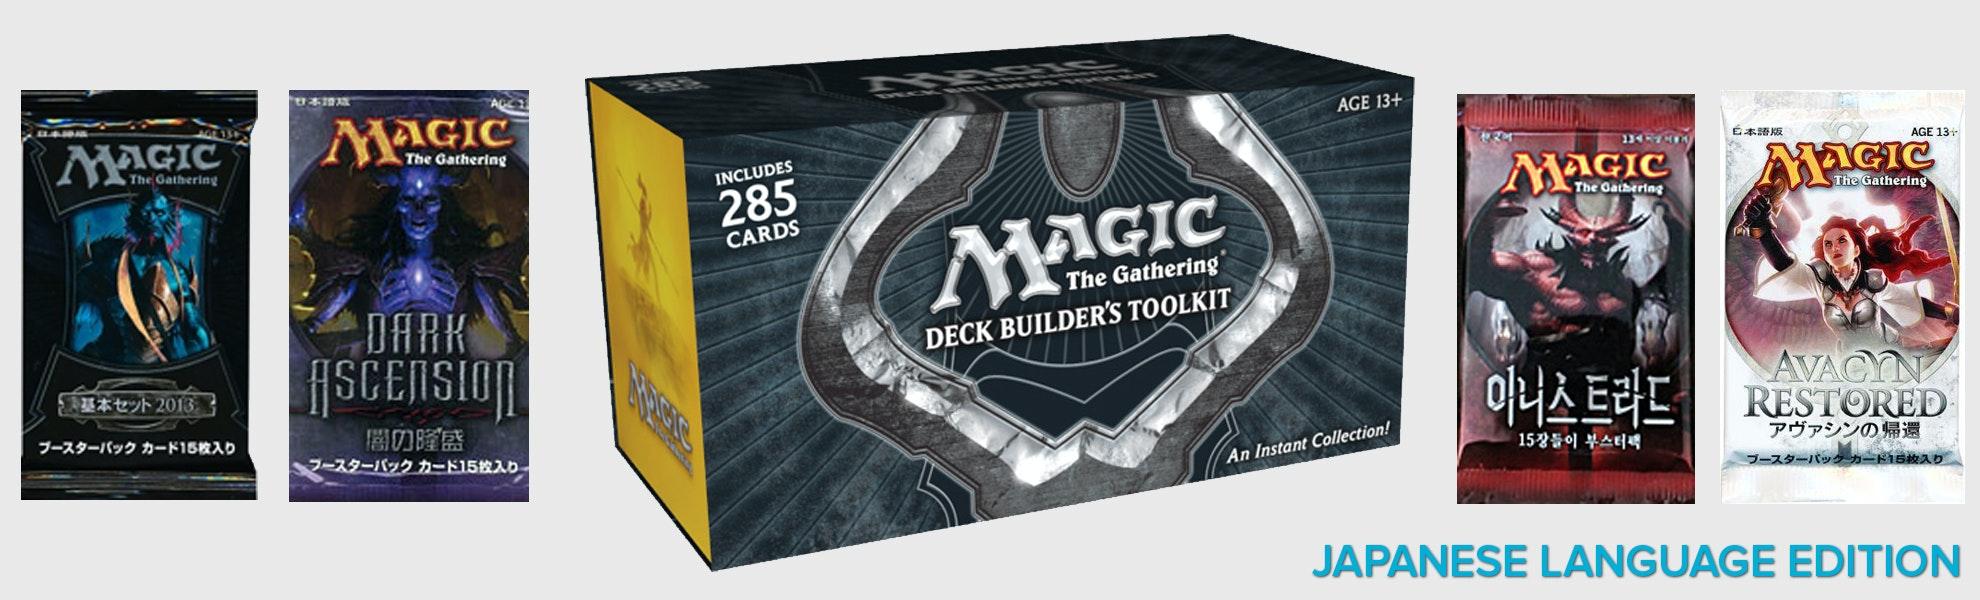 2012 Japanese Deckbuilders Toolkit (3-pack)